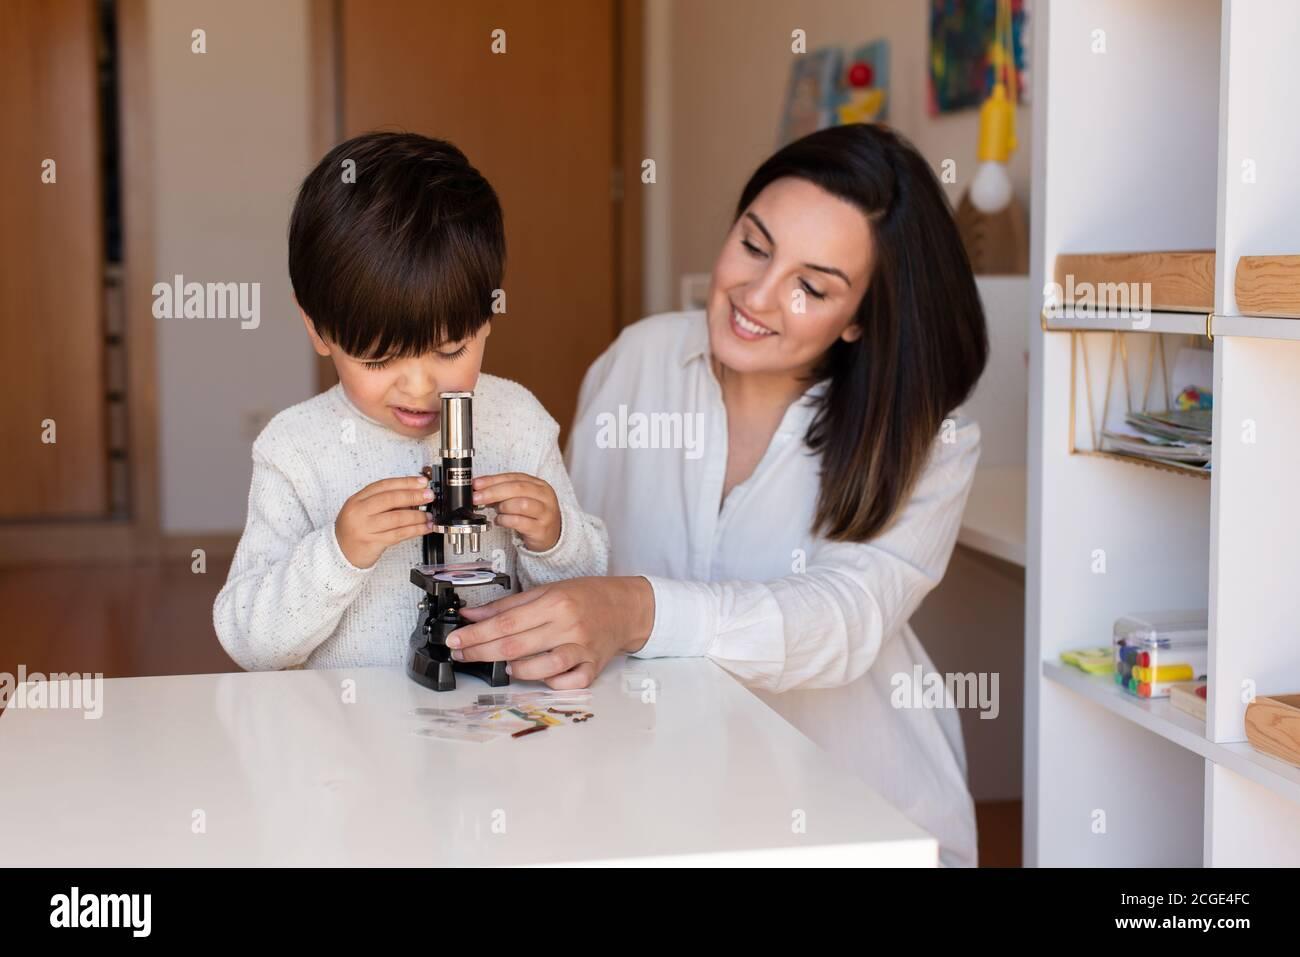 Lillte Kid explorando la ciencia con un microscopio y ayuda de madre o maestro. Resolución de problemas en casa. Comunidad de aprendizaje. Escuela Montessori Foto de stock